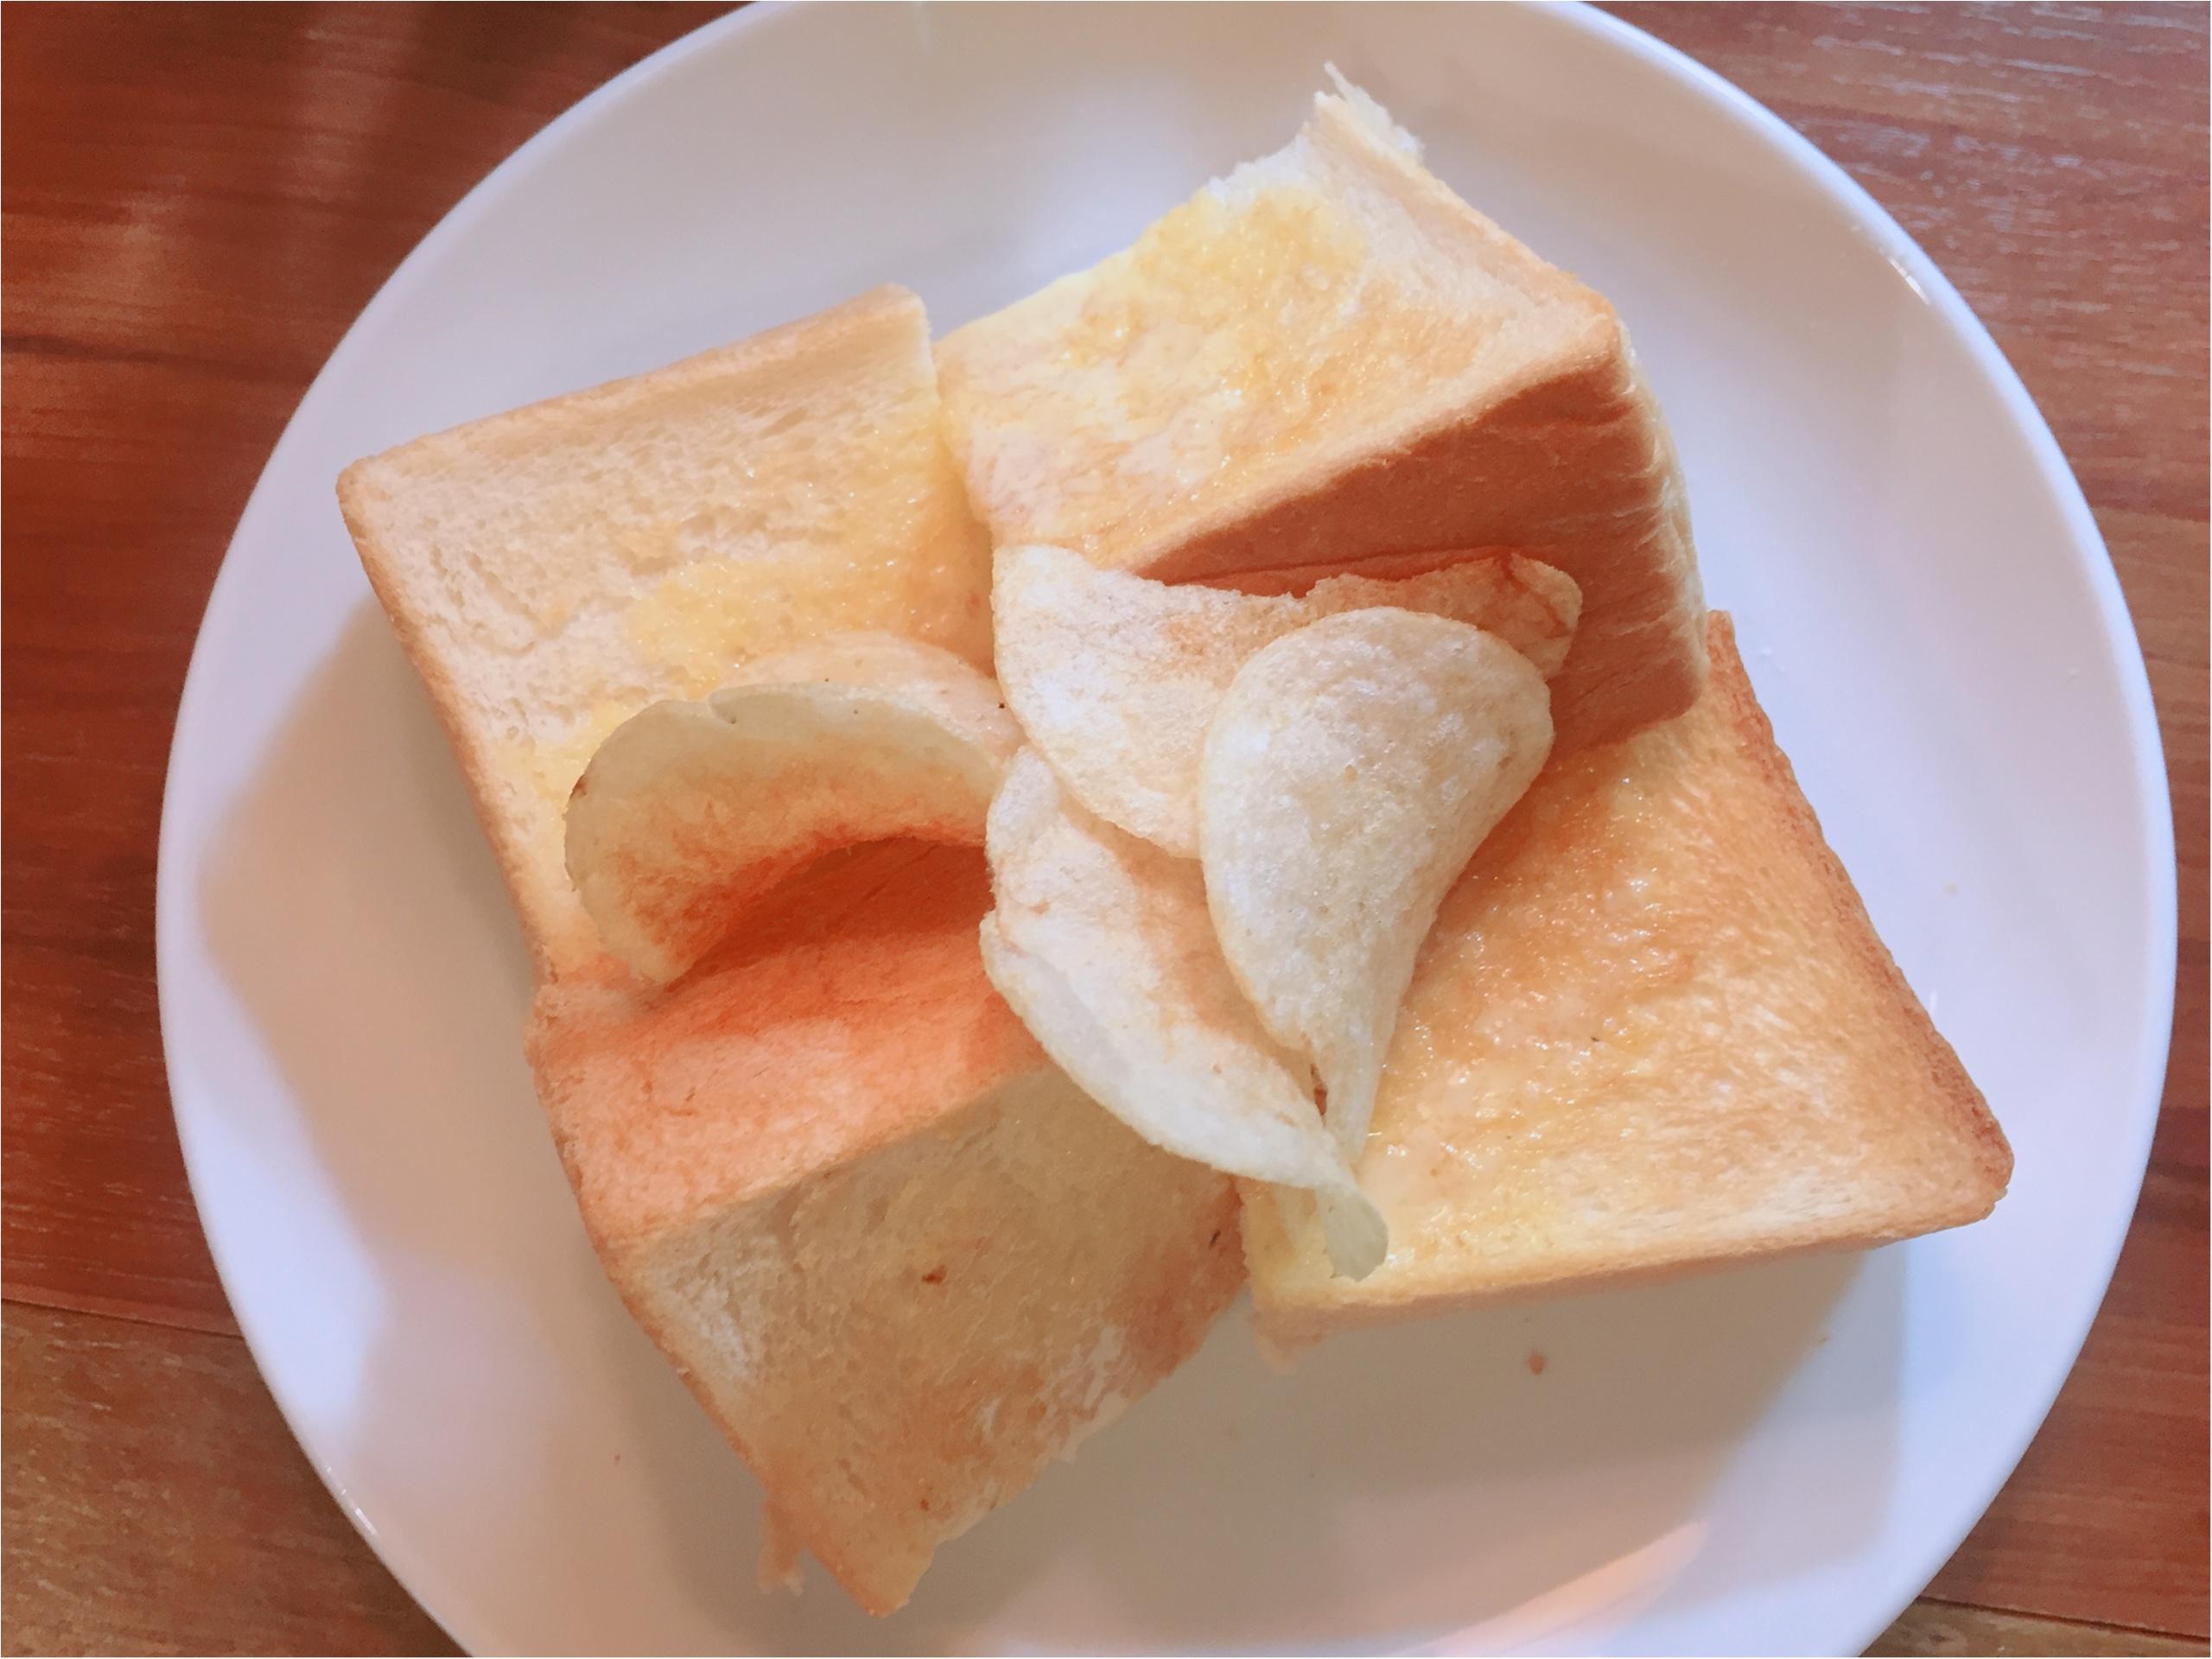 おすすめの喫茶店・カフェ特集 - 東京のレトロな喫茶店4選など、全国のフォトジェニックなカフェまとめ_47